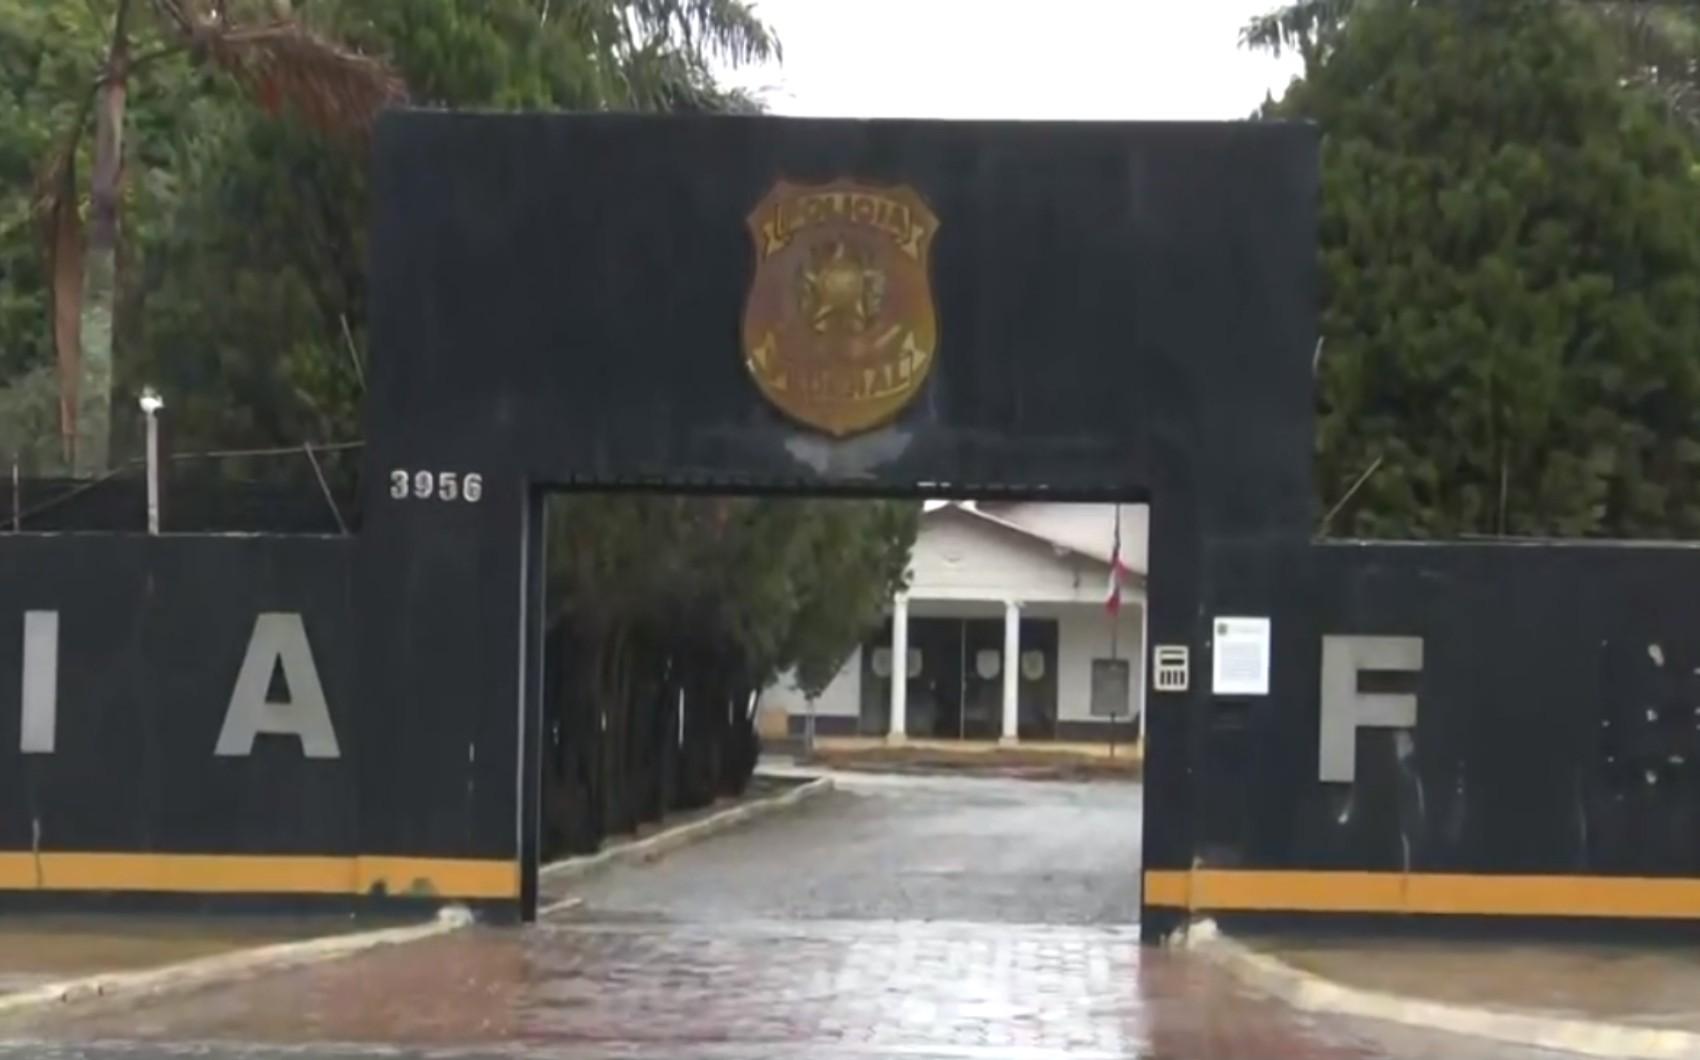 Operação da PF cumpre mandados de busca e apreensão contra suspeitos de contrabando de cigarro no sudoeste da Bahia